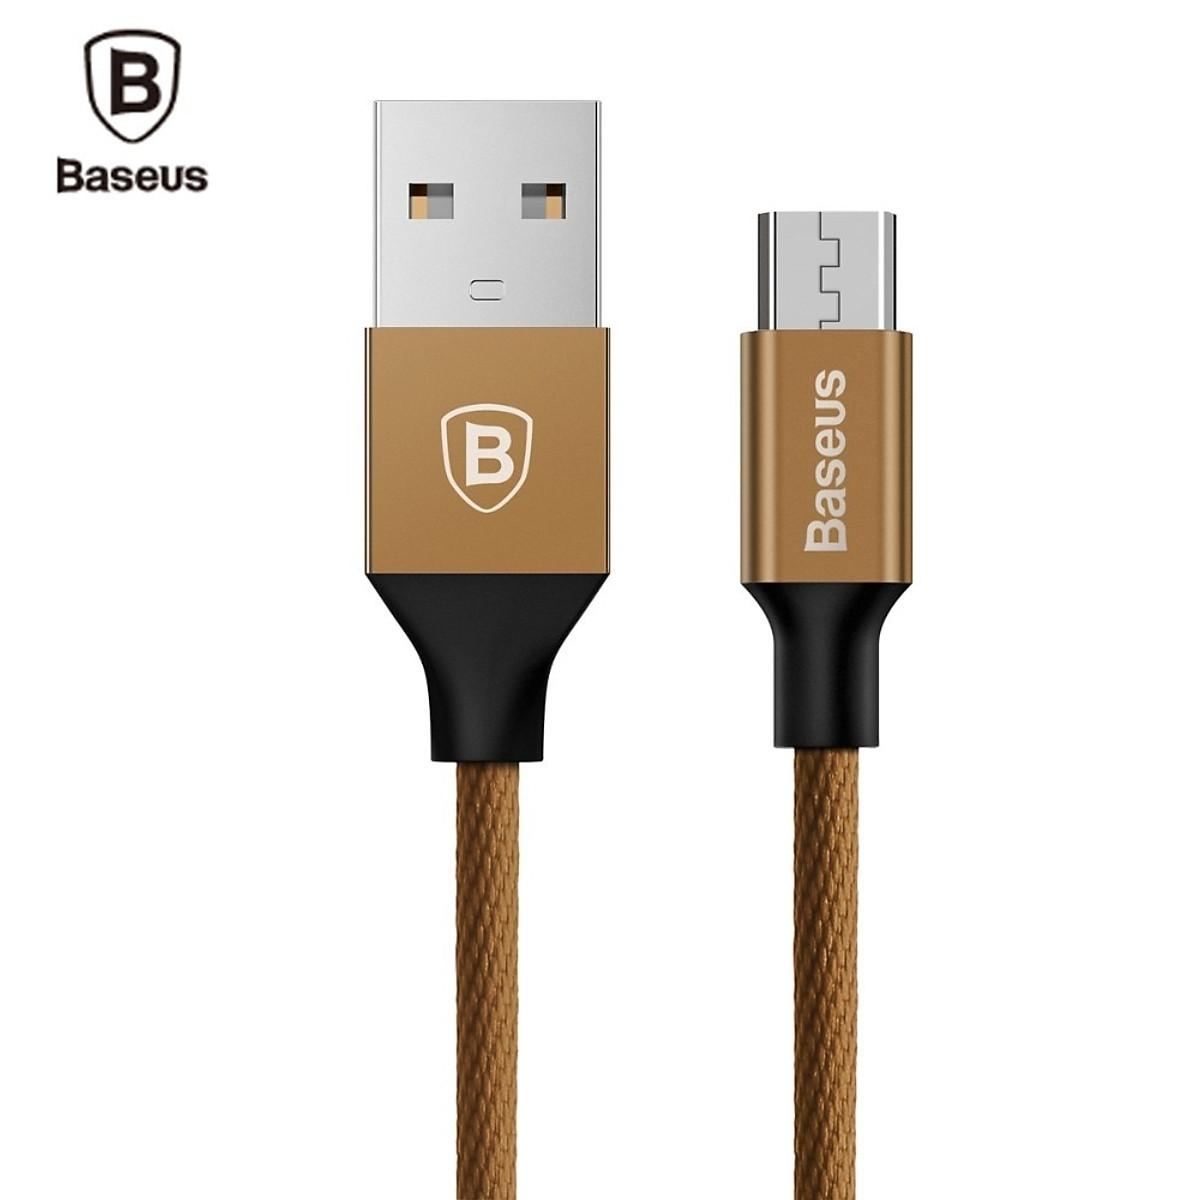 Cáp sạc USB ra Micro USB Baseus Yiven dài 1m - Hàng chính hãng 10